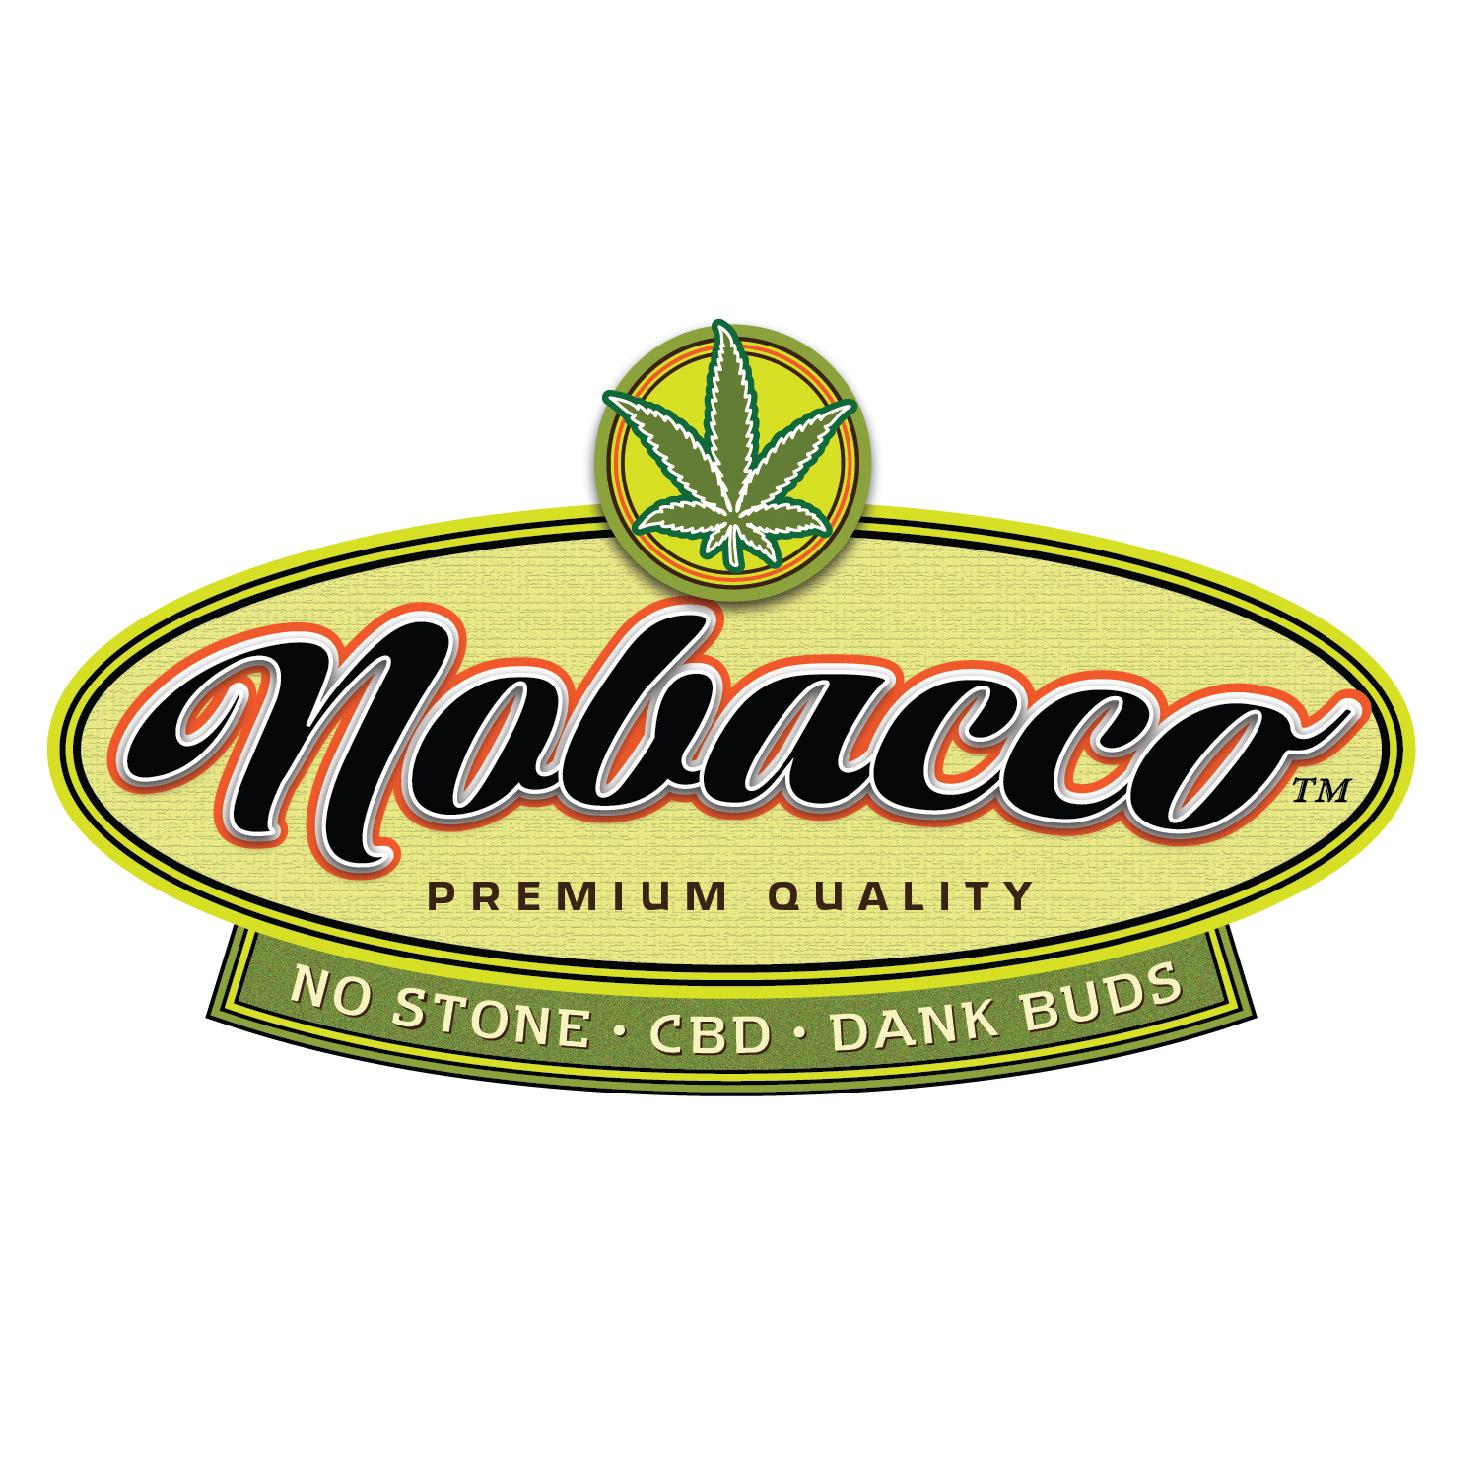 NobaccoLogo.jpg